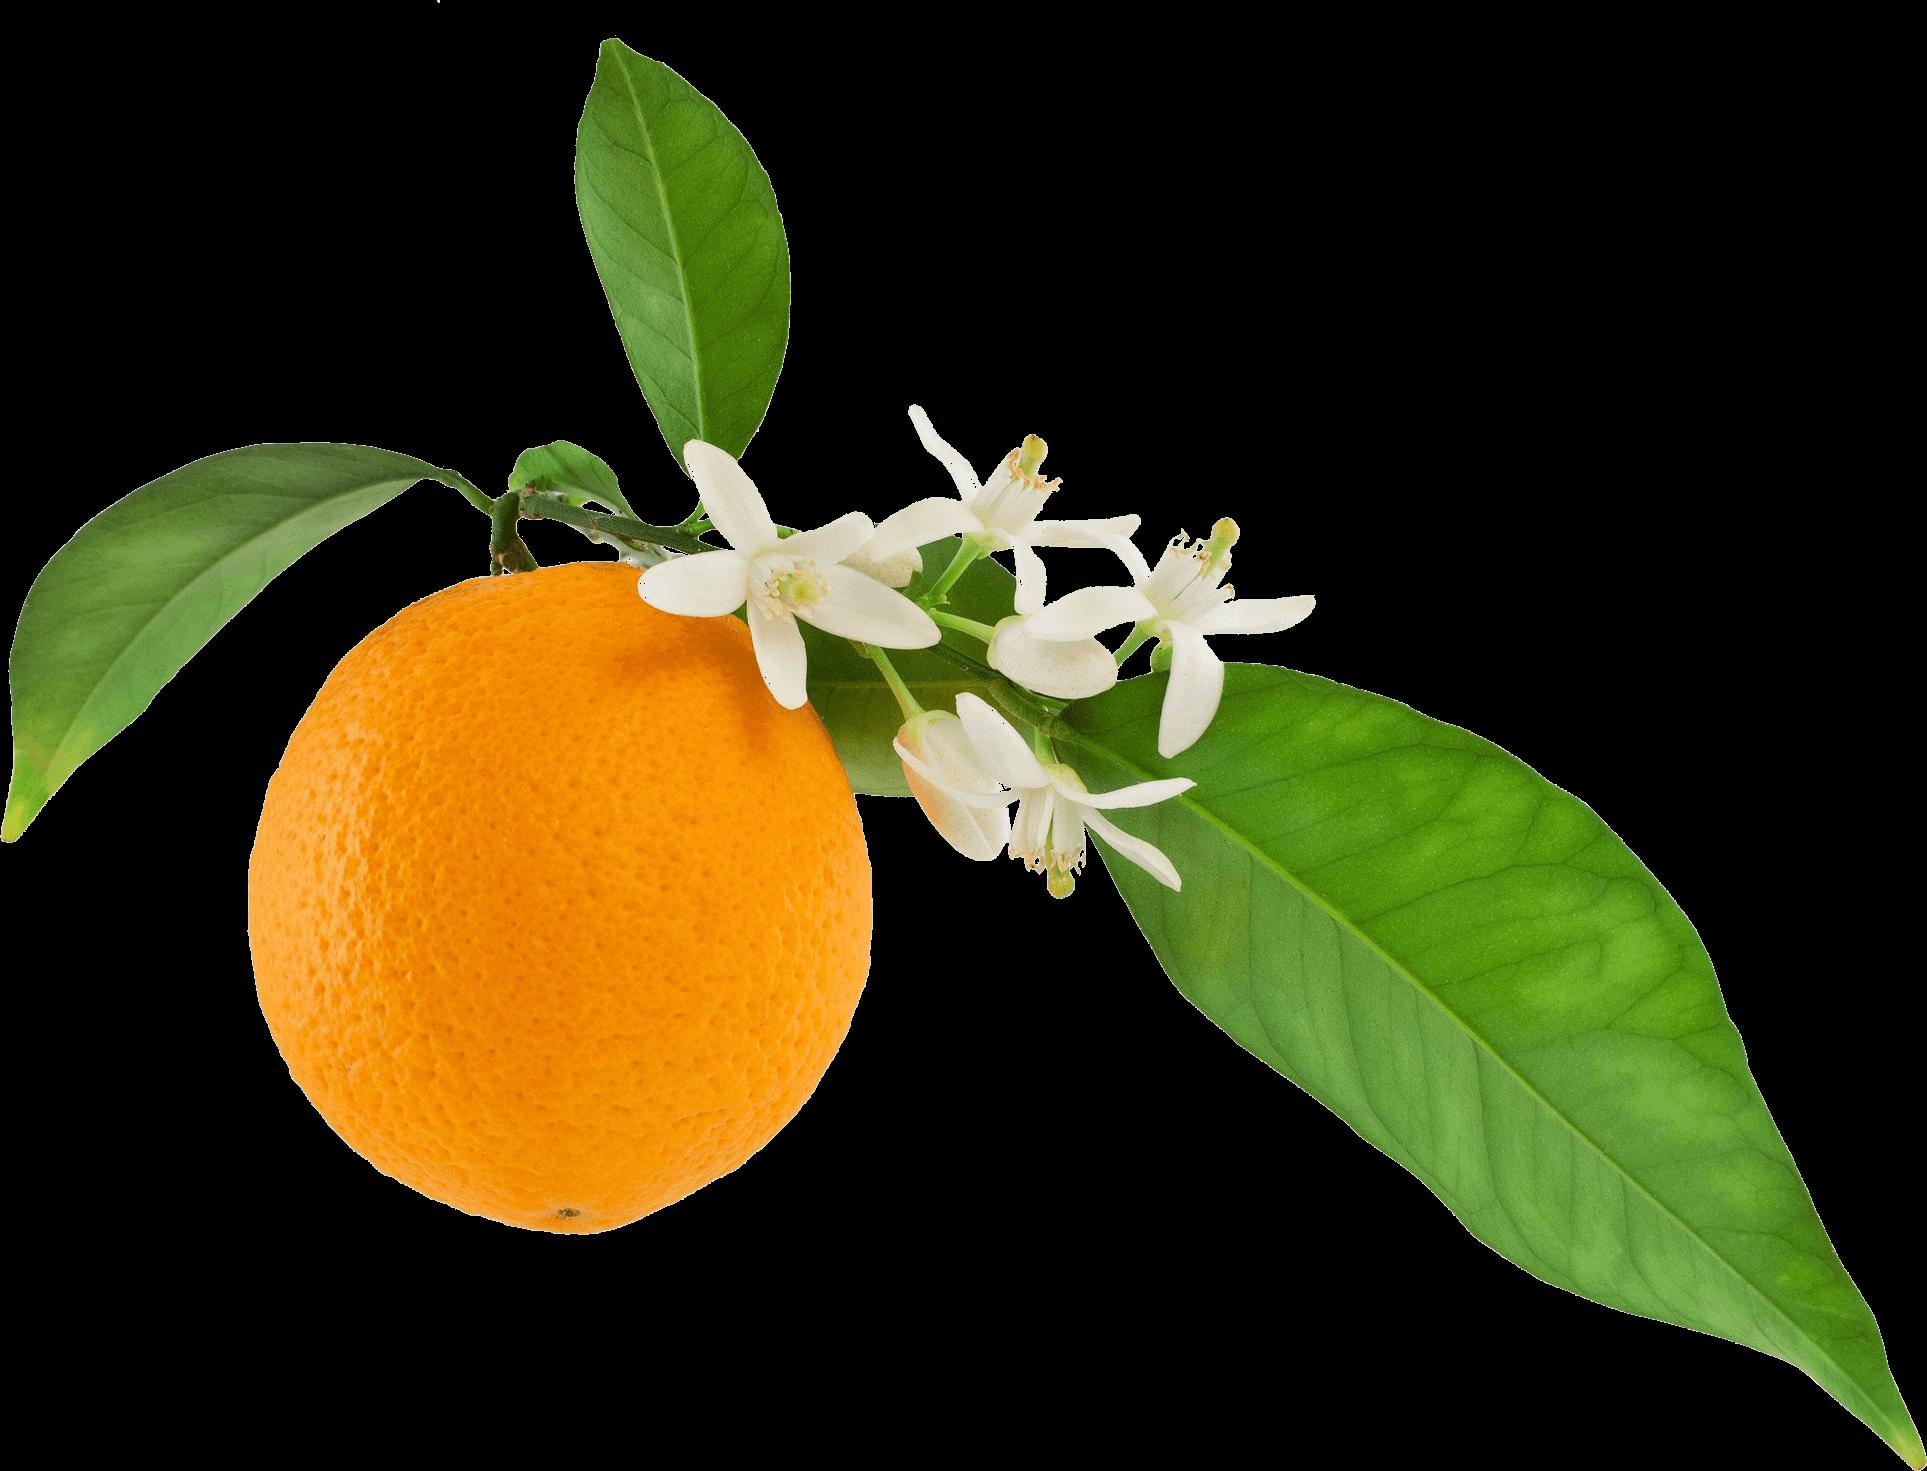 گیاه بهارنارنج به همراه نارنج